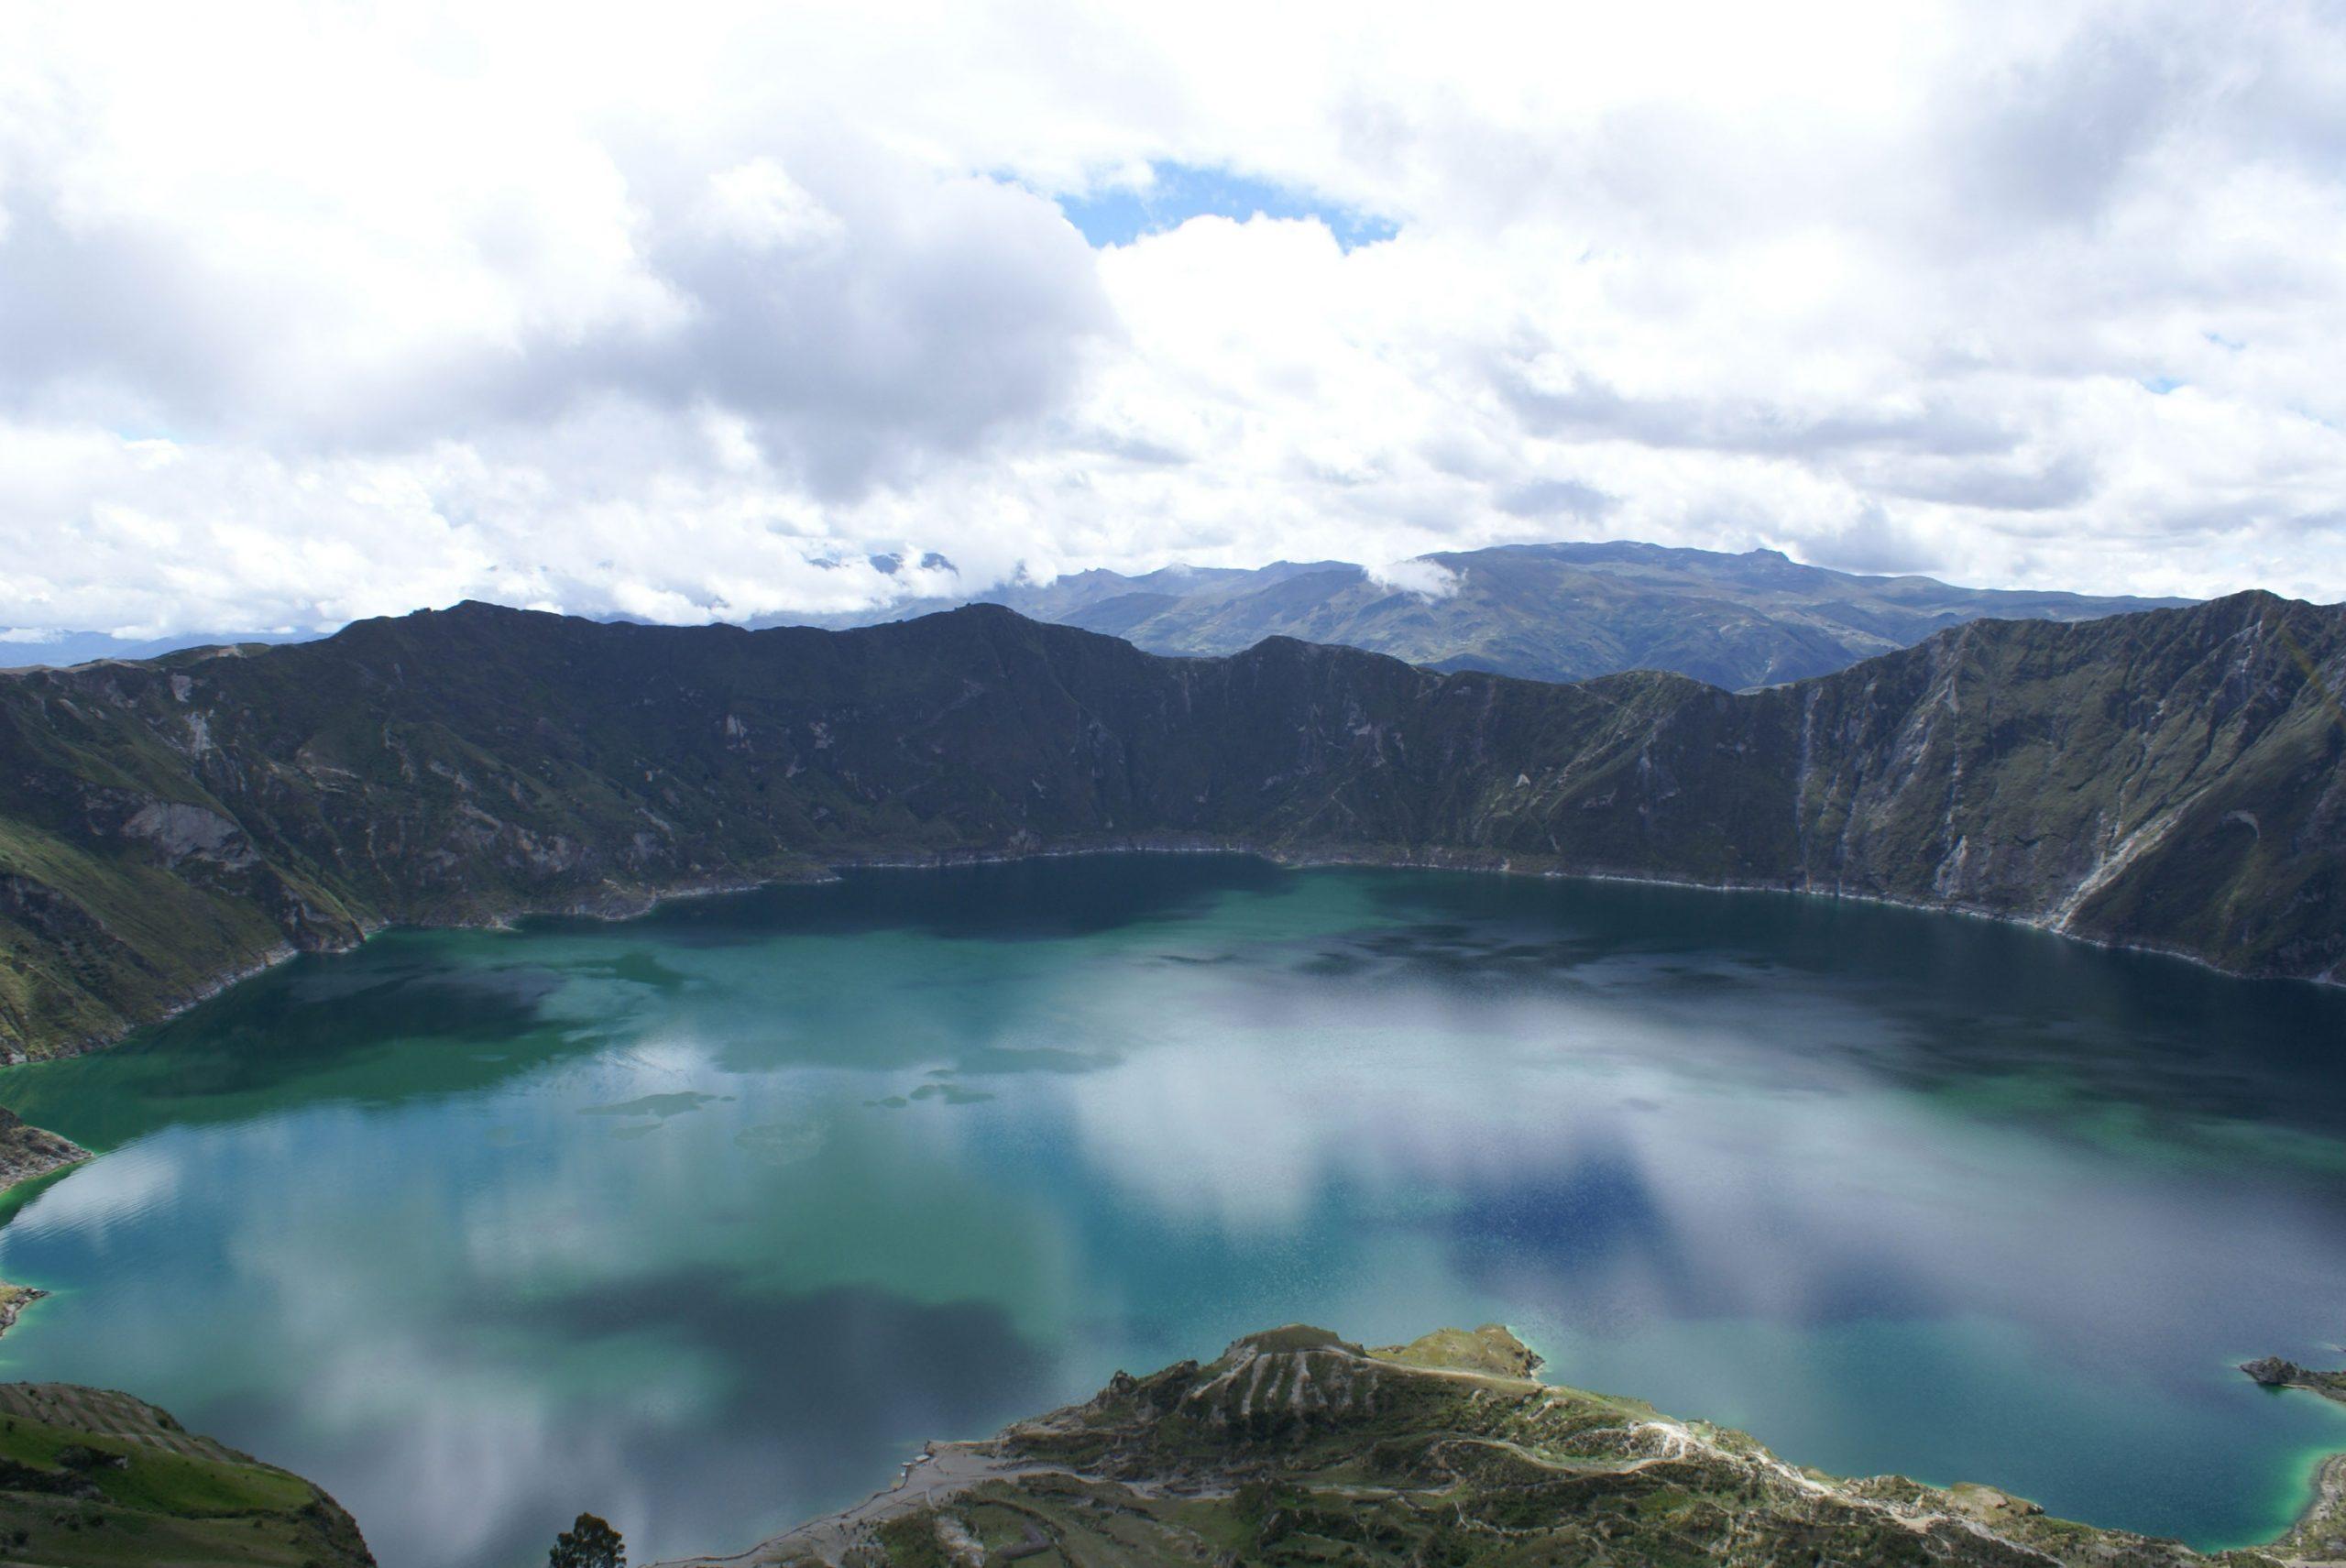 ¿Cuántas áreas protegidas de Ecuador están abiertas al público?